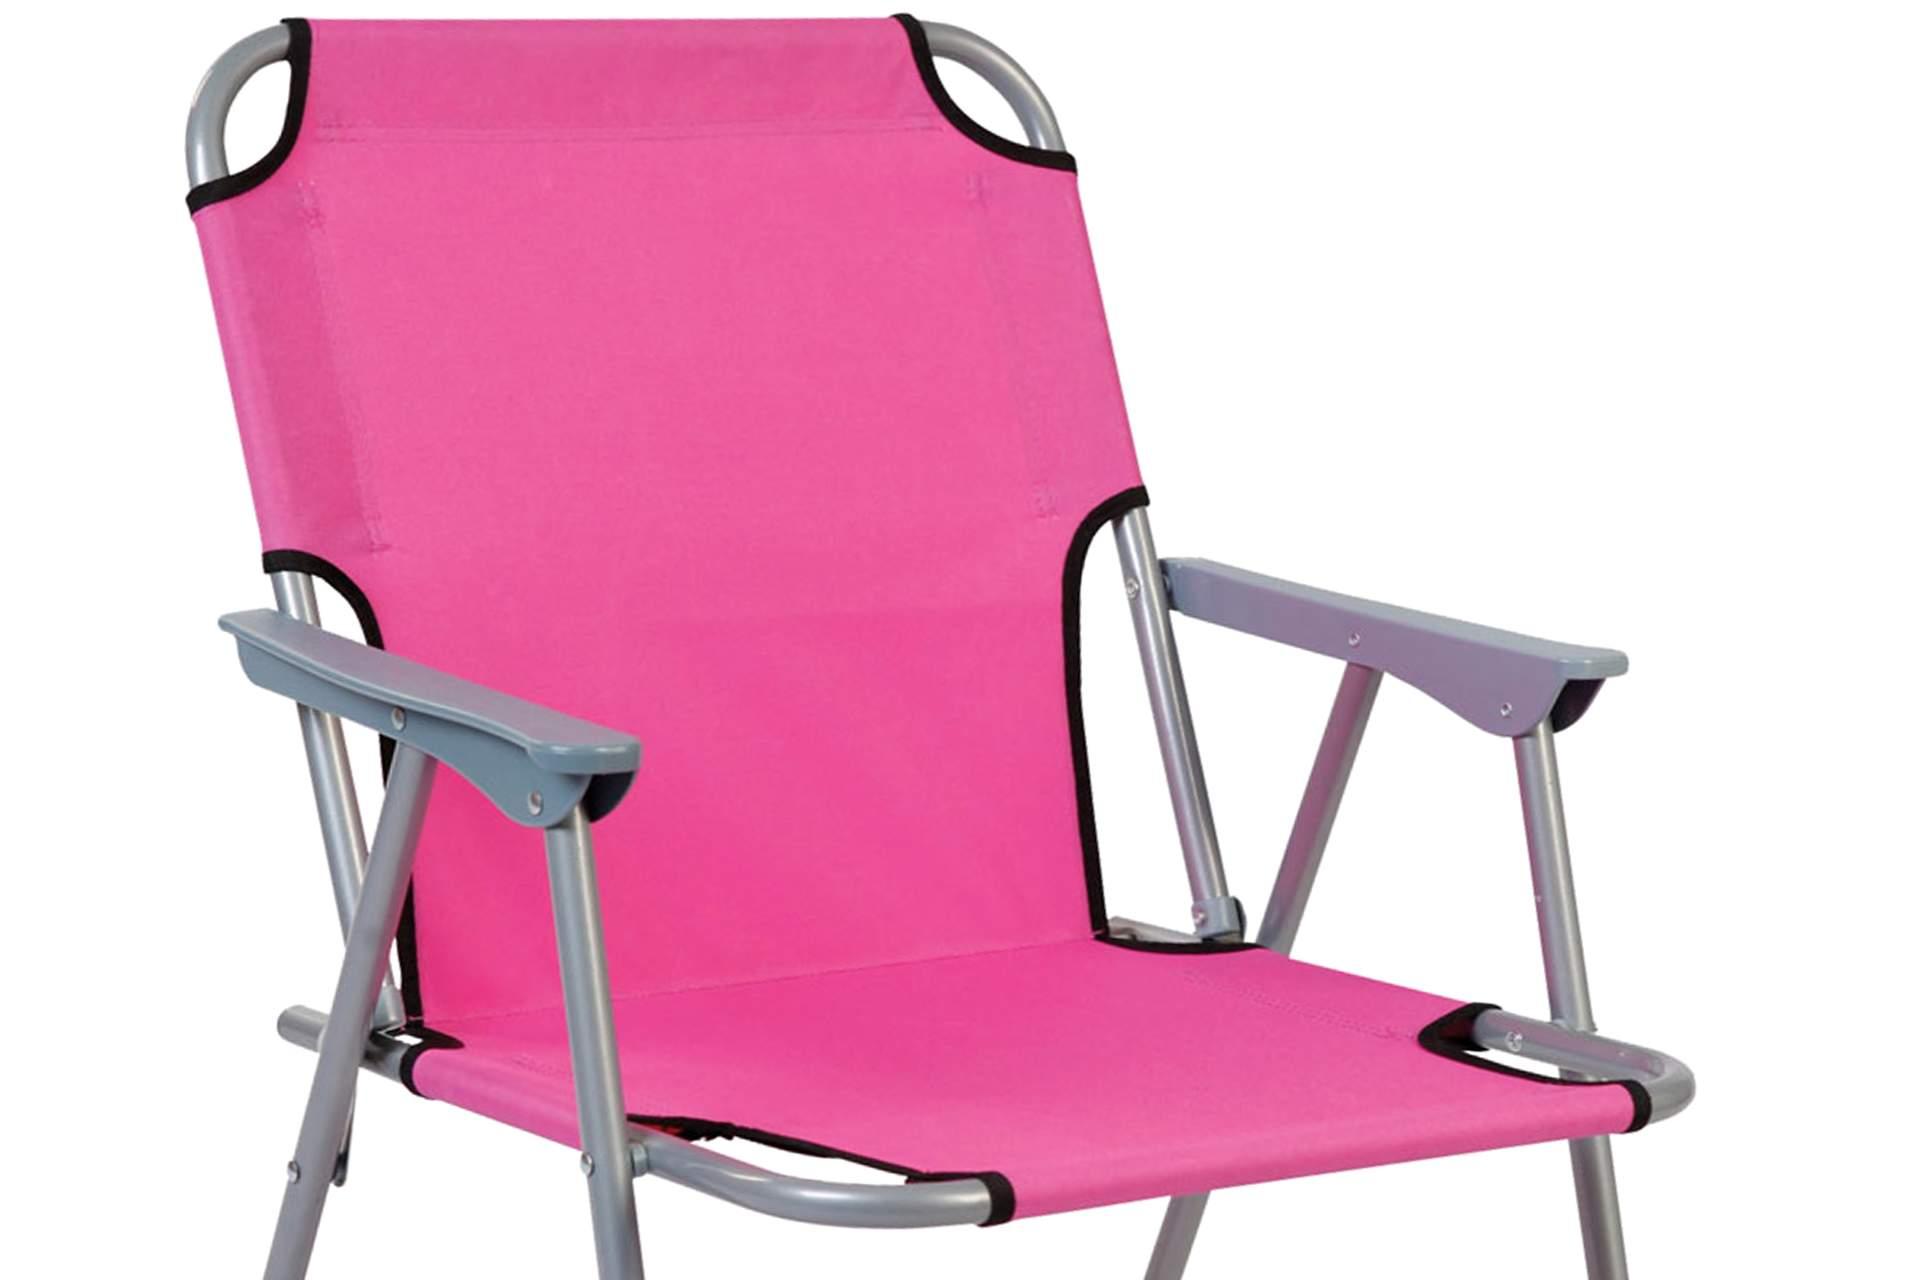 klappstuhl oxford pink stoff bezug uni klappsessel camping. Black Bedroom Furniture Sets. Home Design Ideas